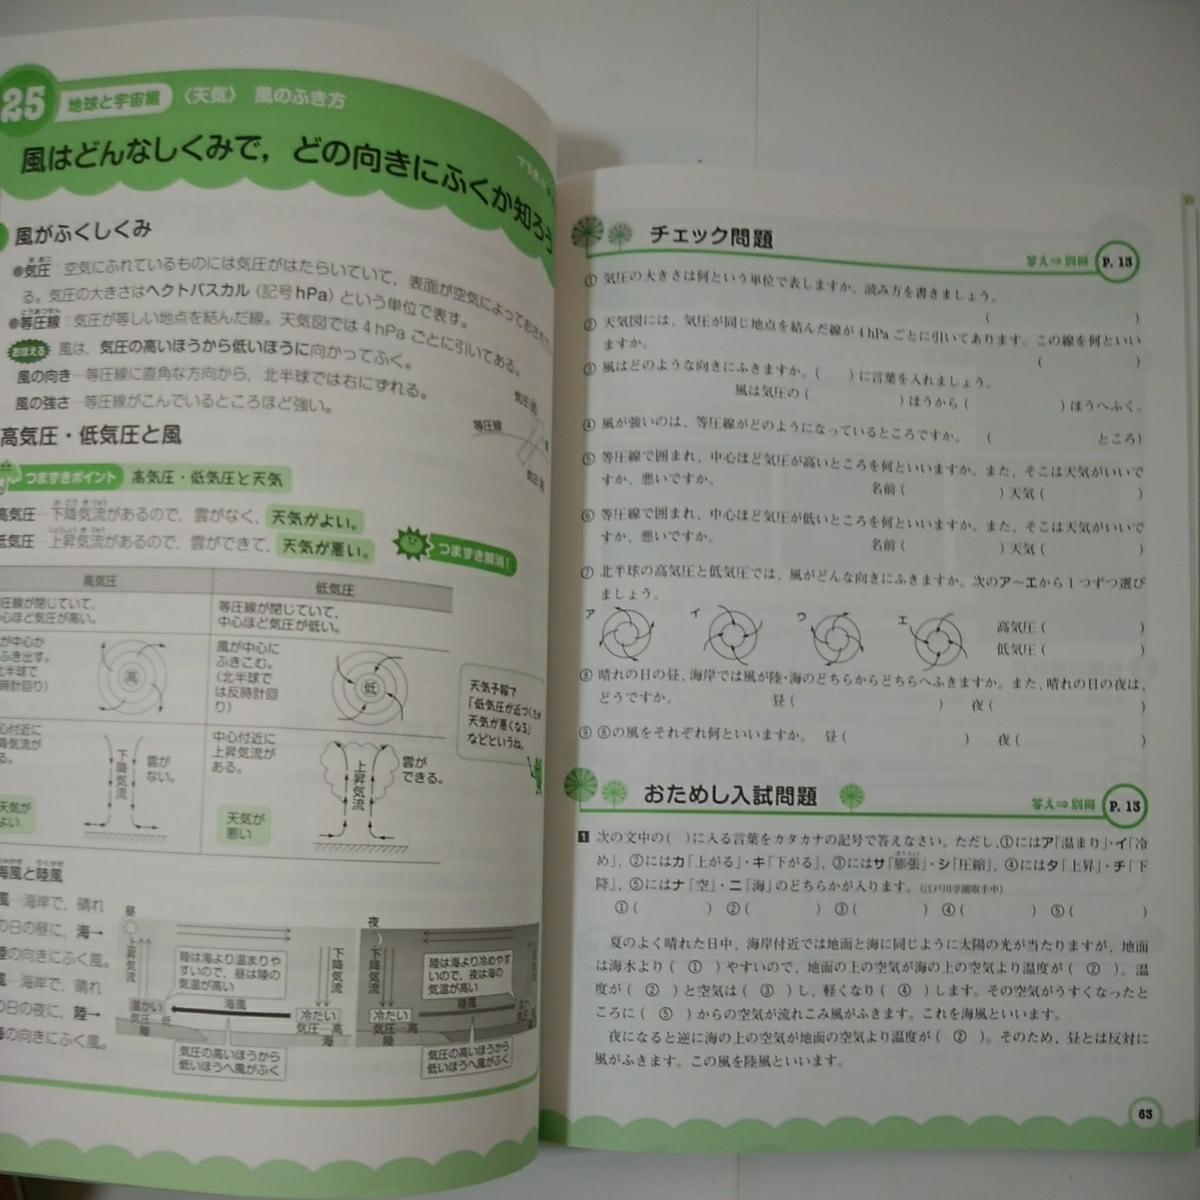 ♪中学入試 理科のまちがえるところがすっきりわかる +解答書 単行本 2011/6/24  z-43